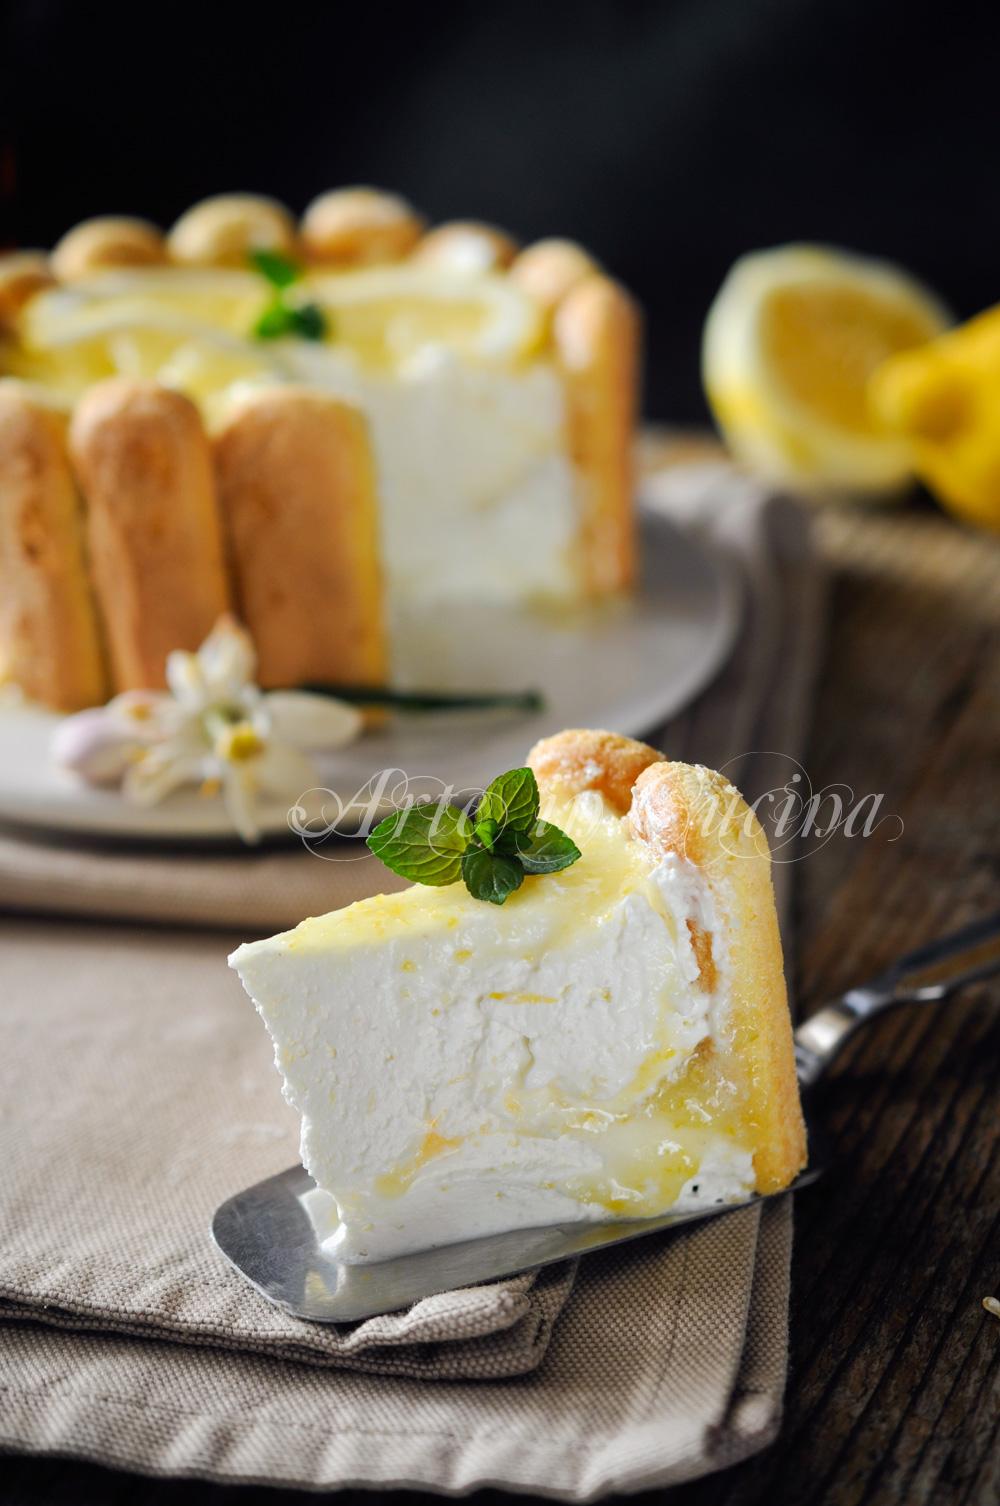 Charlotte al limone ricetta dolce senza cottura facile for Cucina facile ricette